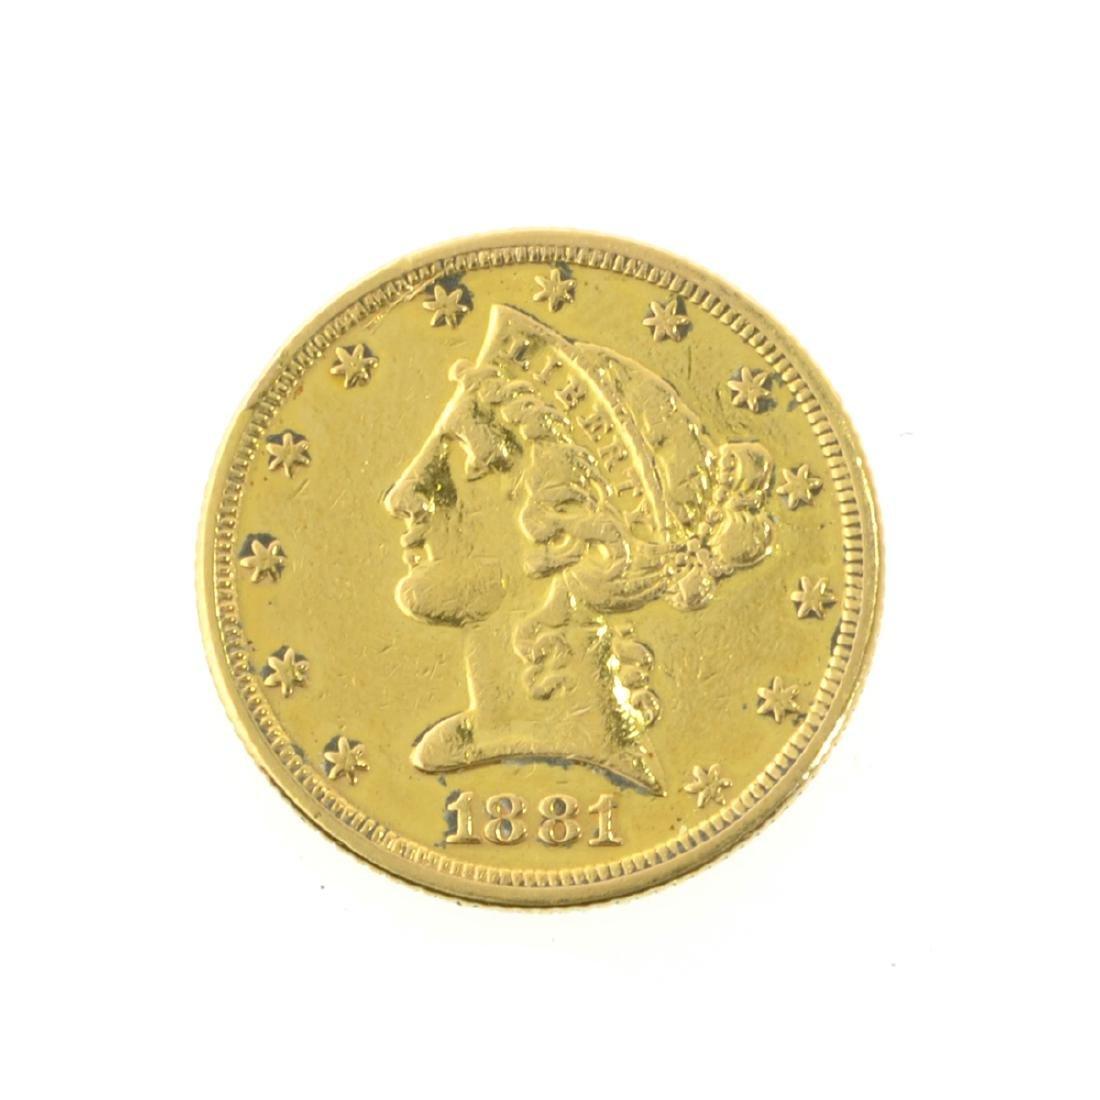 *1881 $5 U.S. Liberty Head Gold Coin (JG-JWJ)